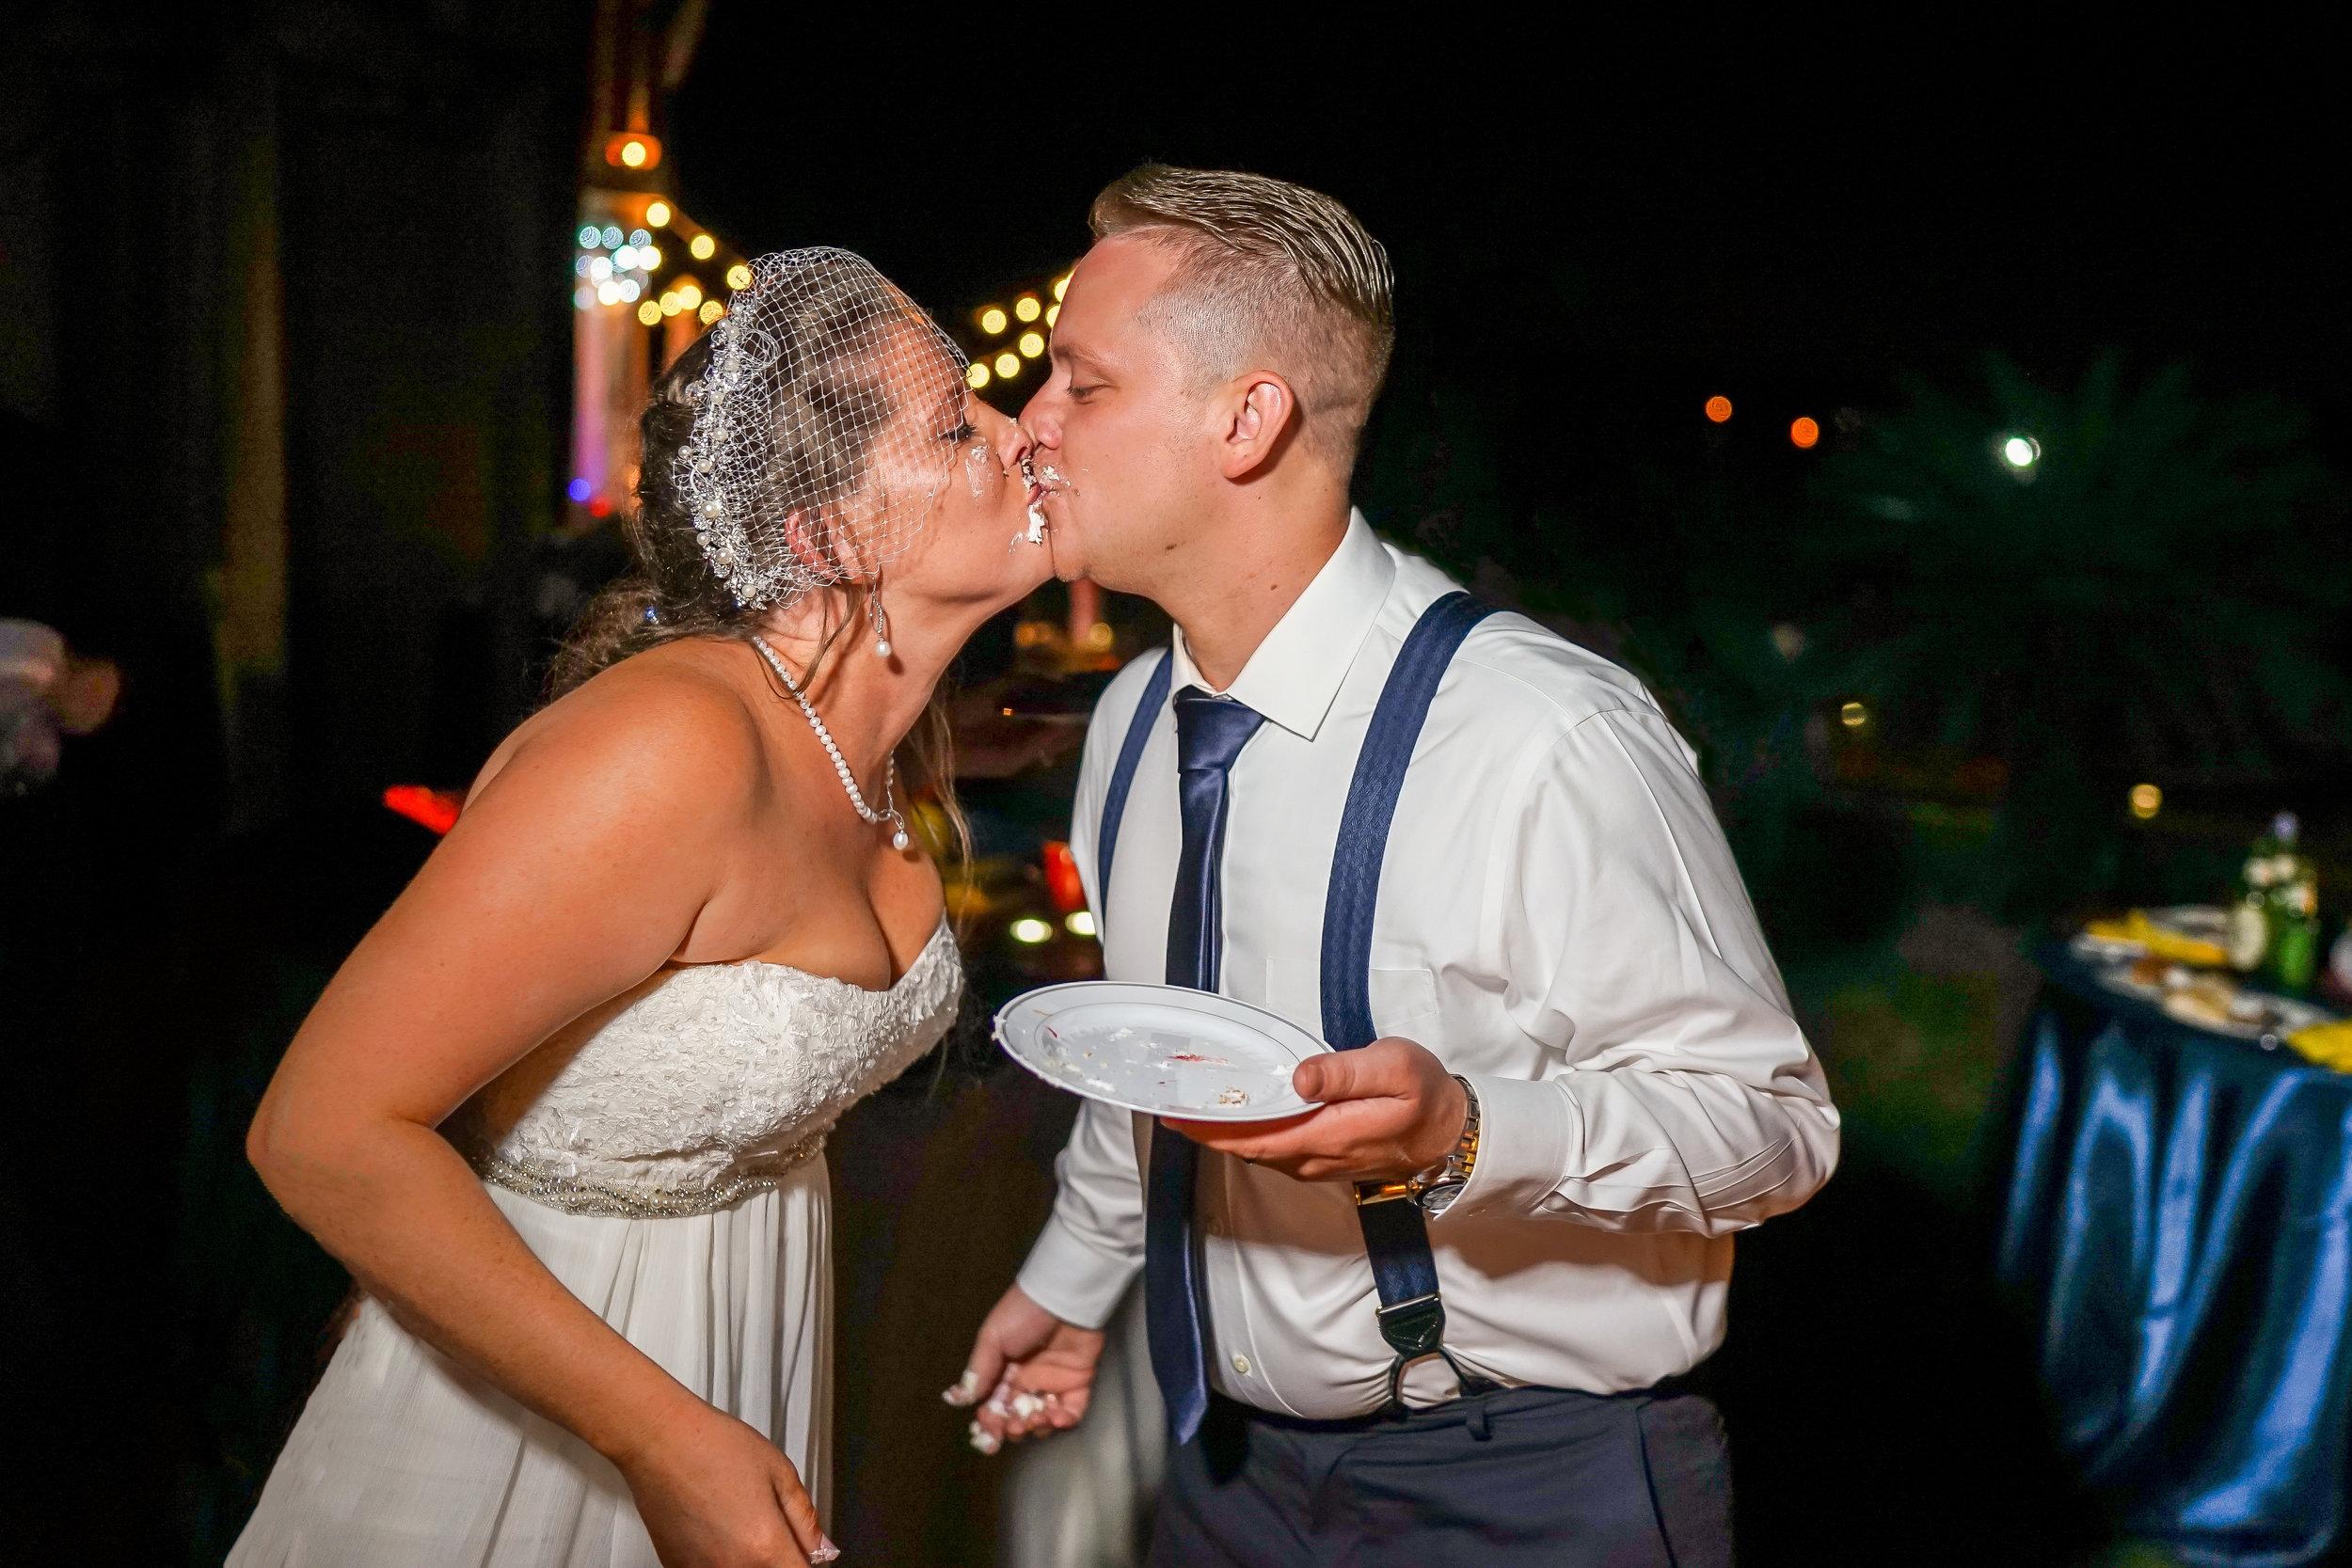 kissing-bride-groom-wedding-cake.jpg